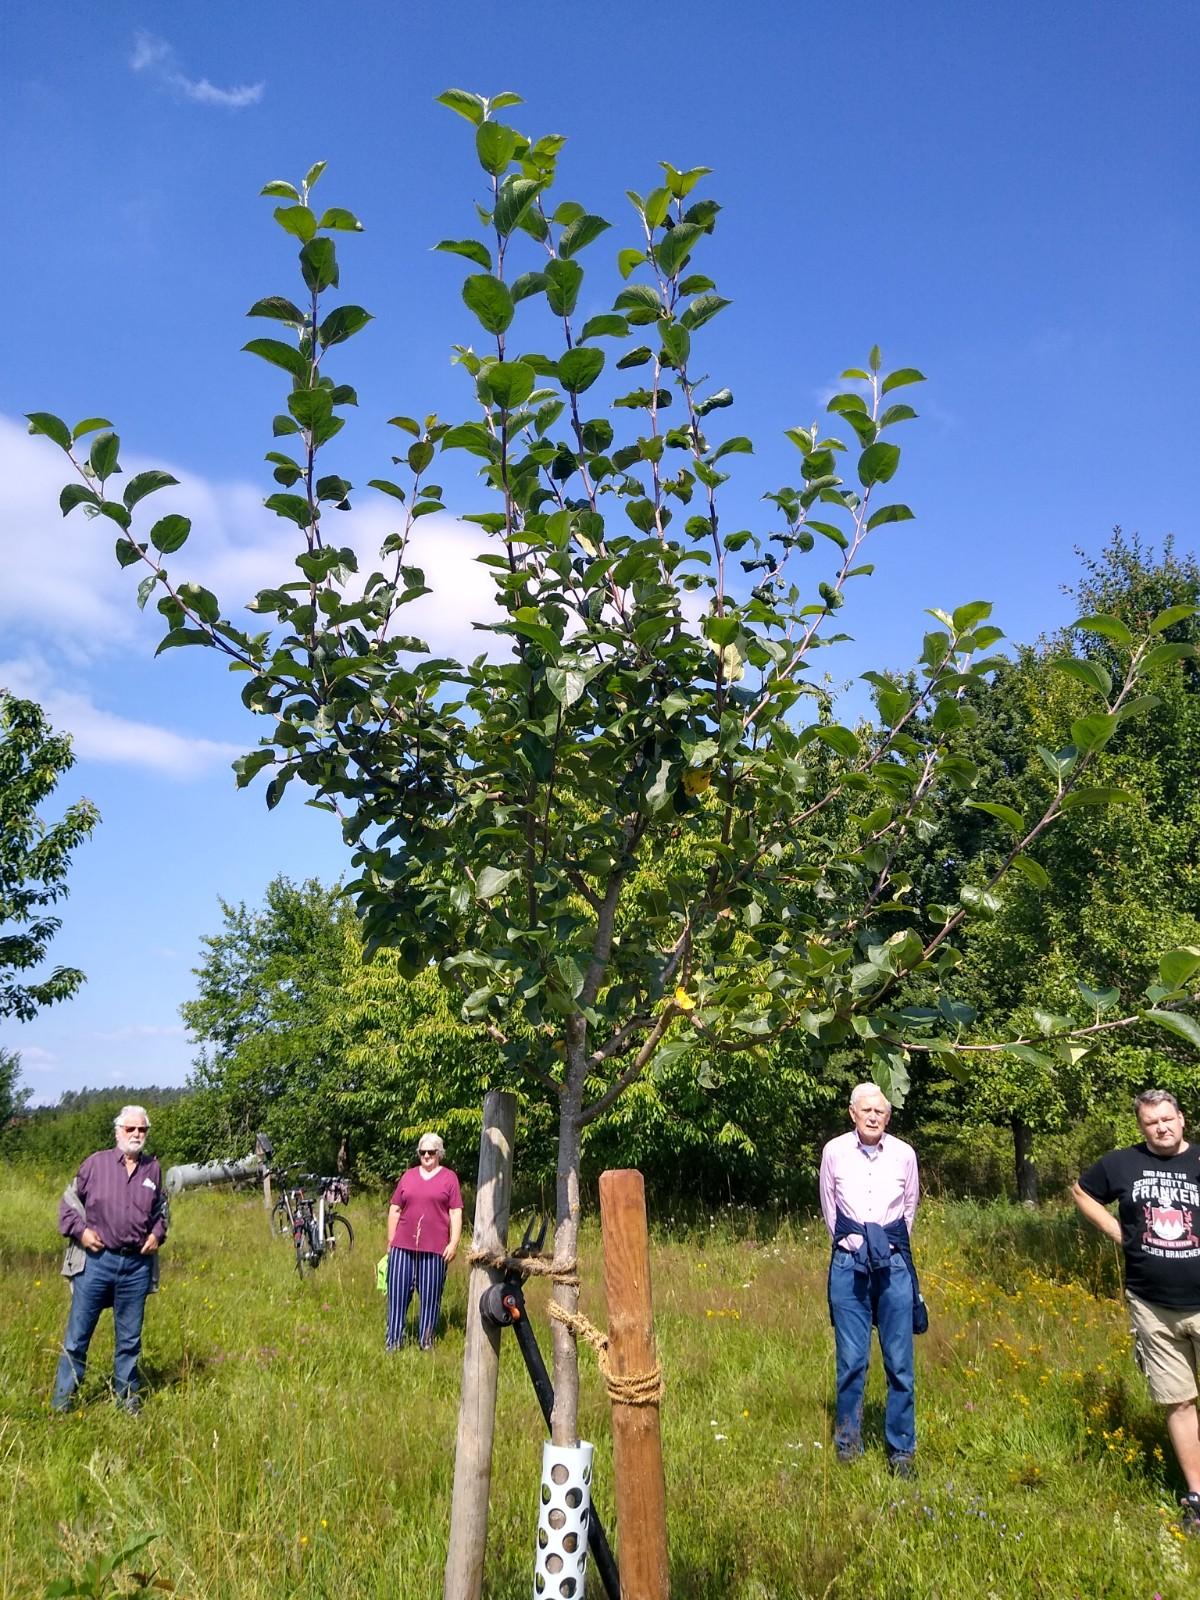 Hier sieht man den auserwählten jungen Apfelbaum vor dem Schnitt